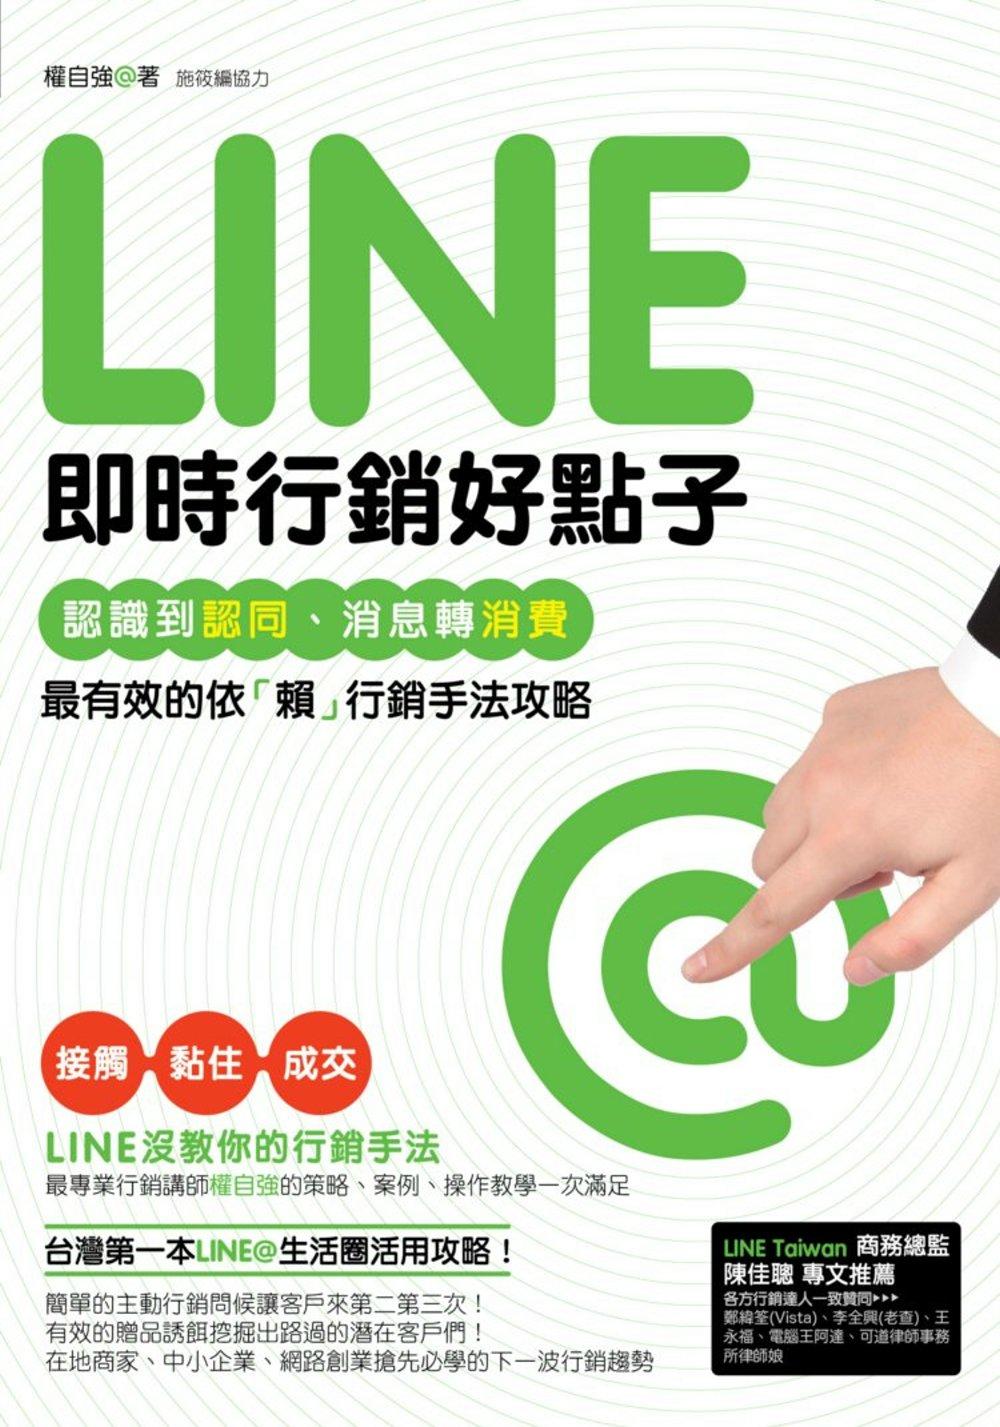 Line即時行銷好點子:認識到認同、消息轉消費,最有效的依「賴」行銷手法攻略